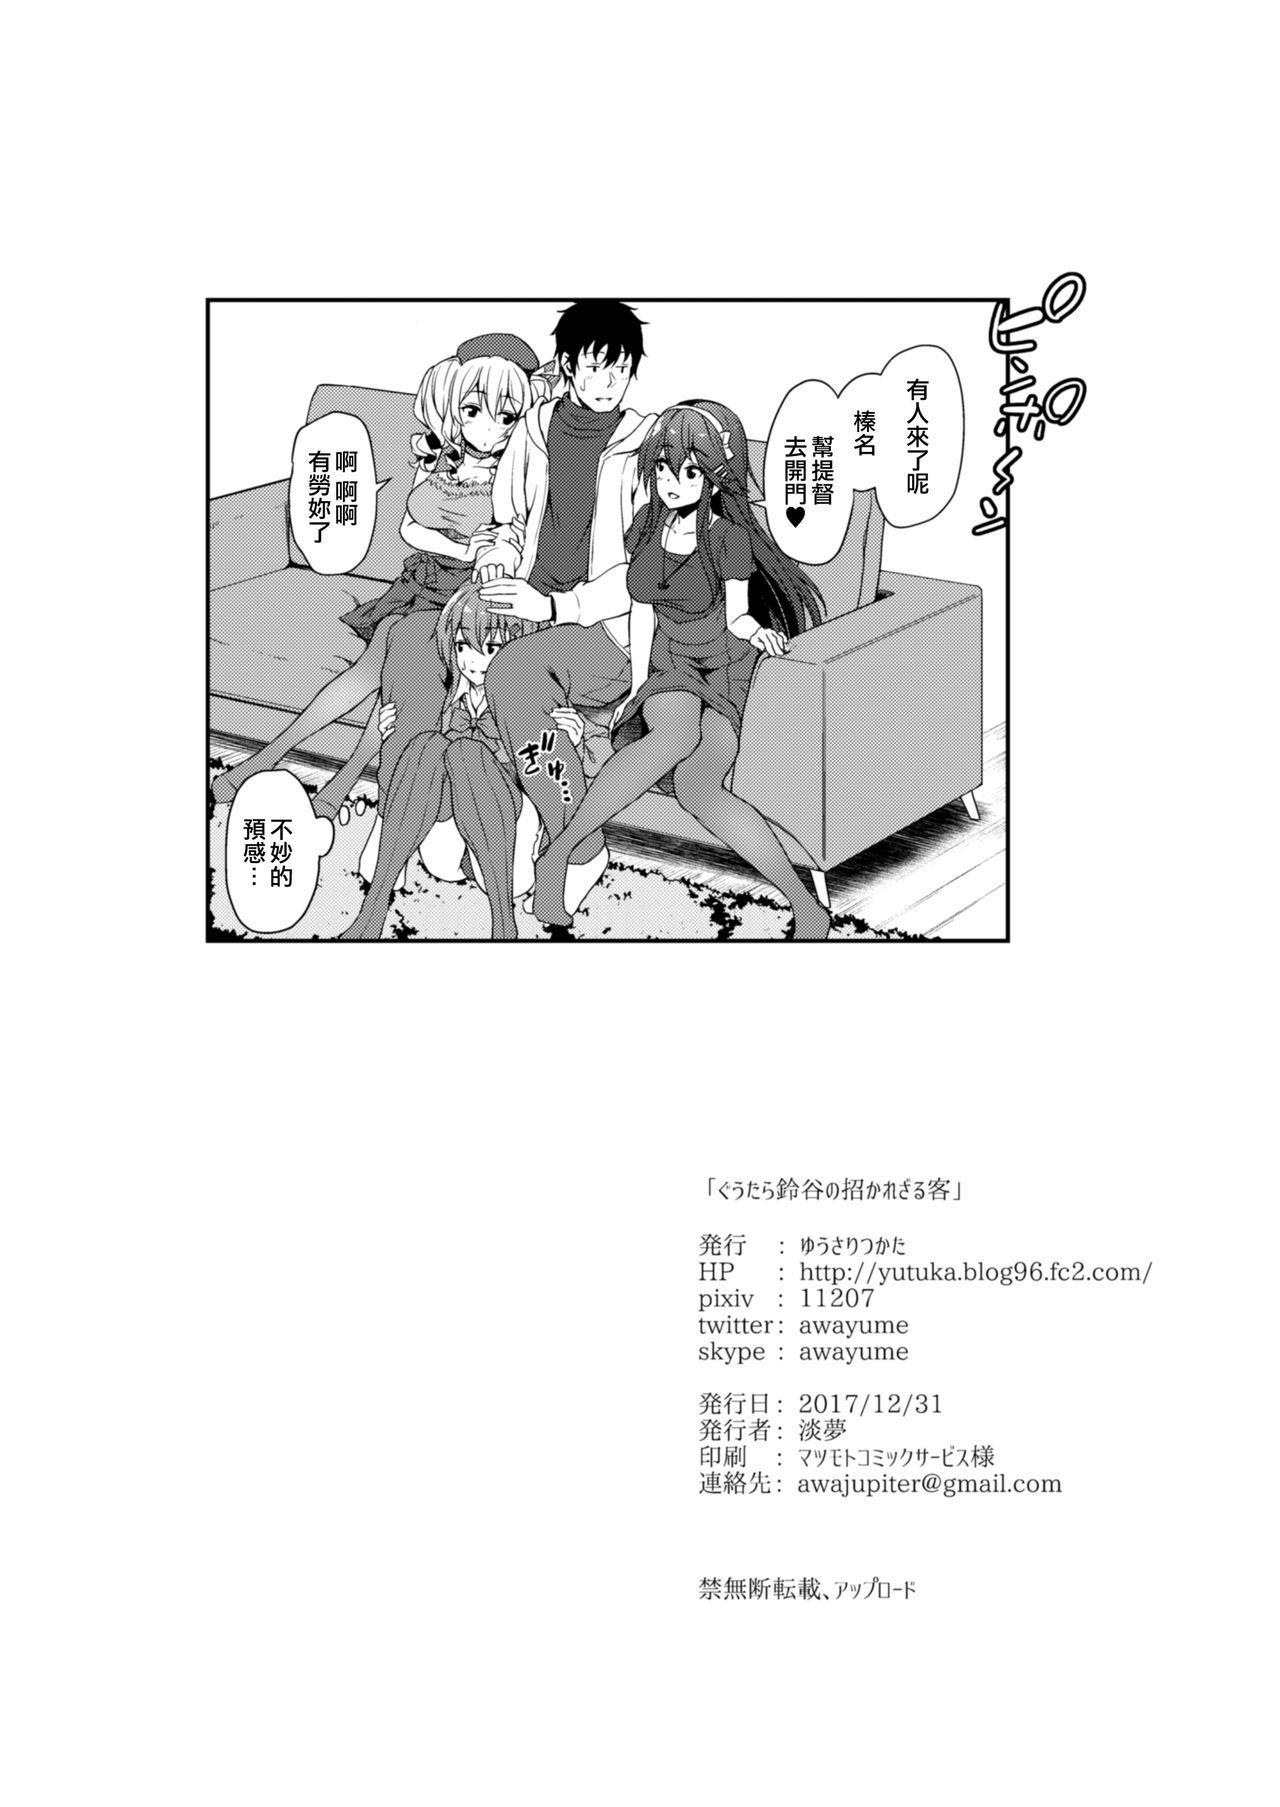 Guutara Suzuya no Manekarezaru Kyaku 29